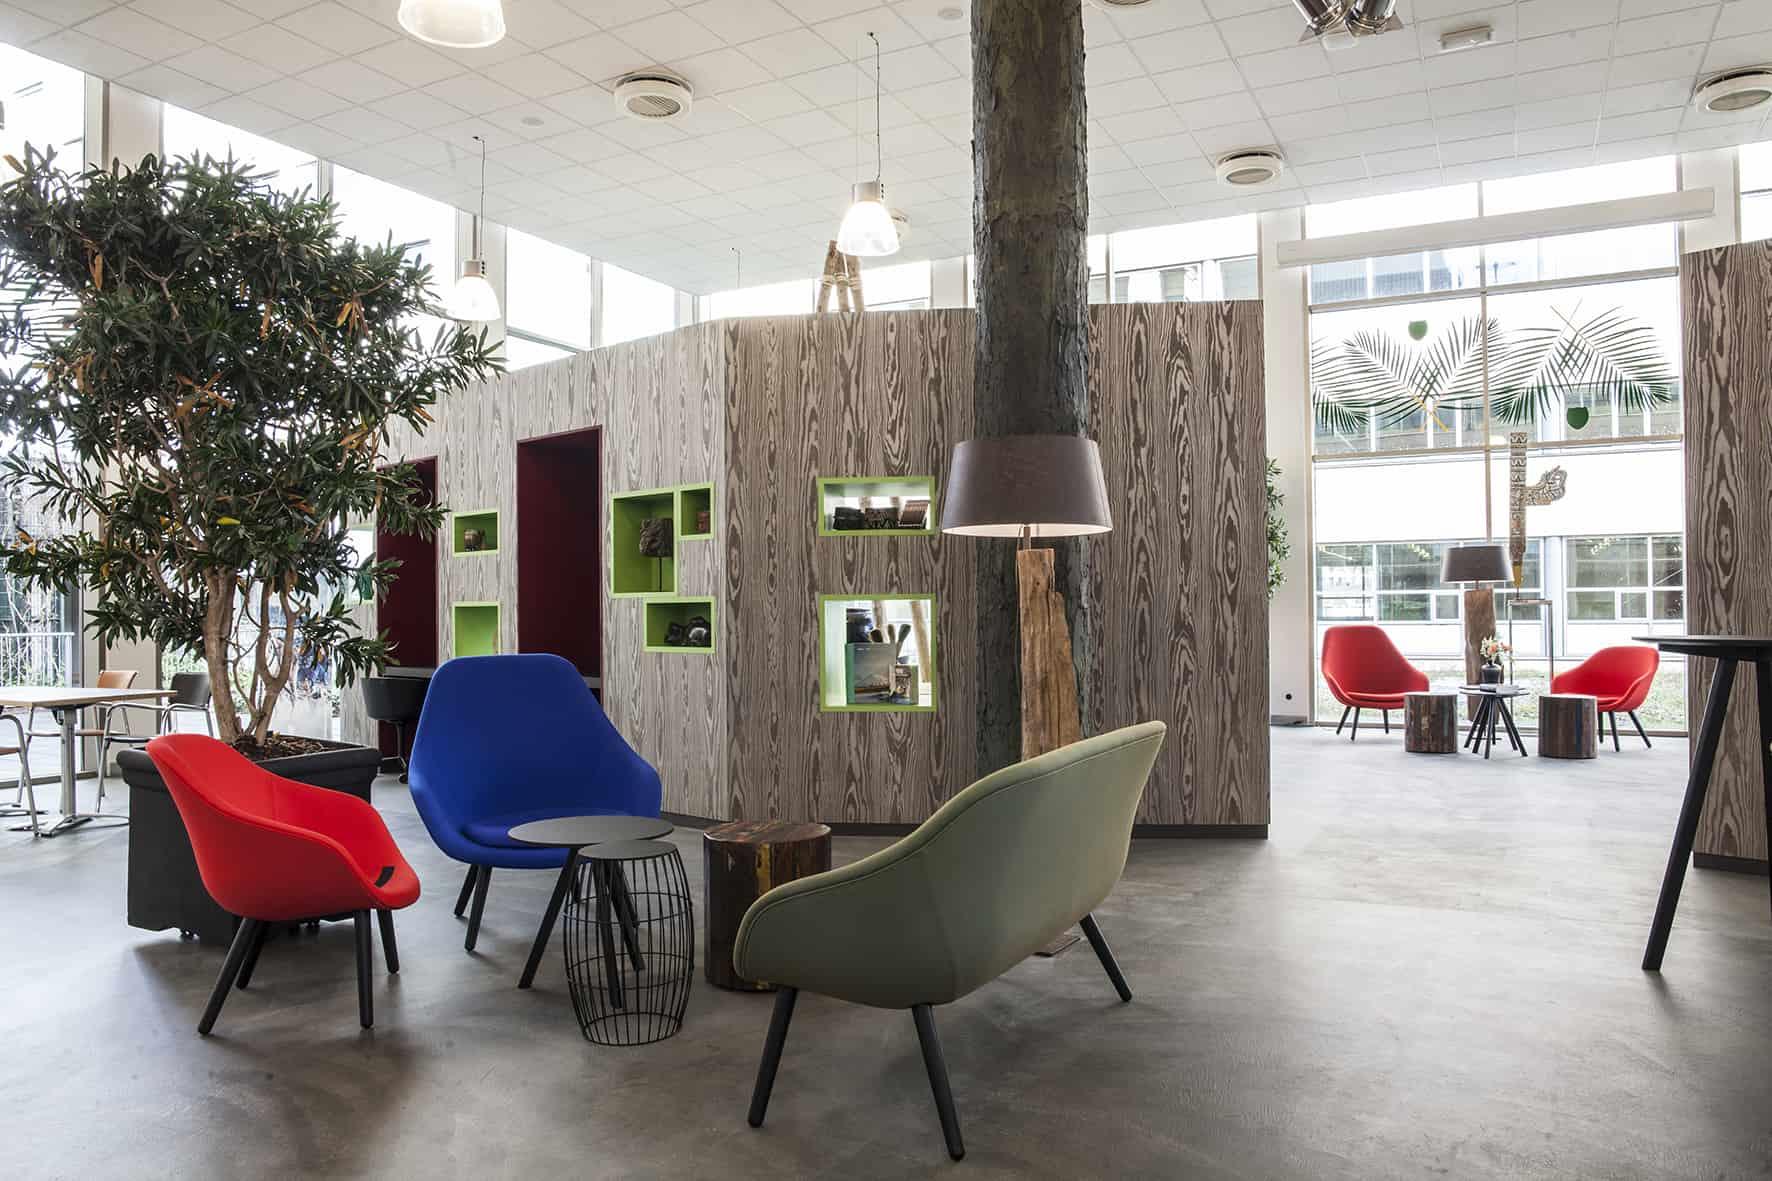 Innovatief business center in het hart van nederland ...